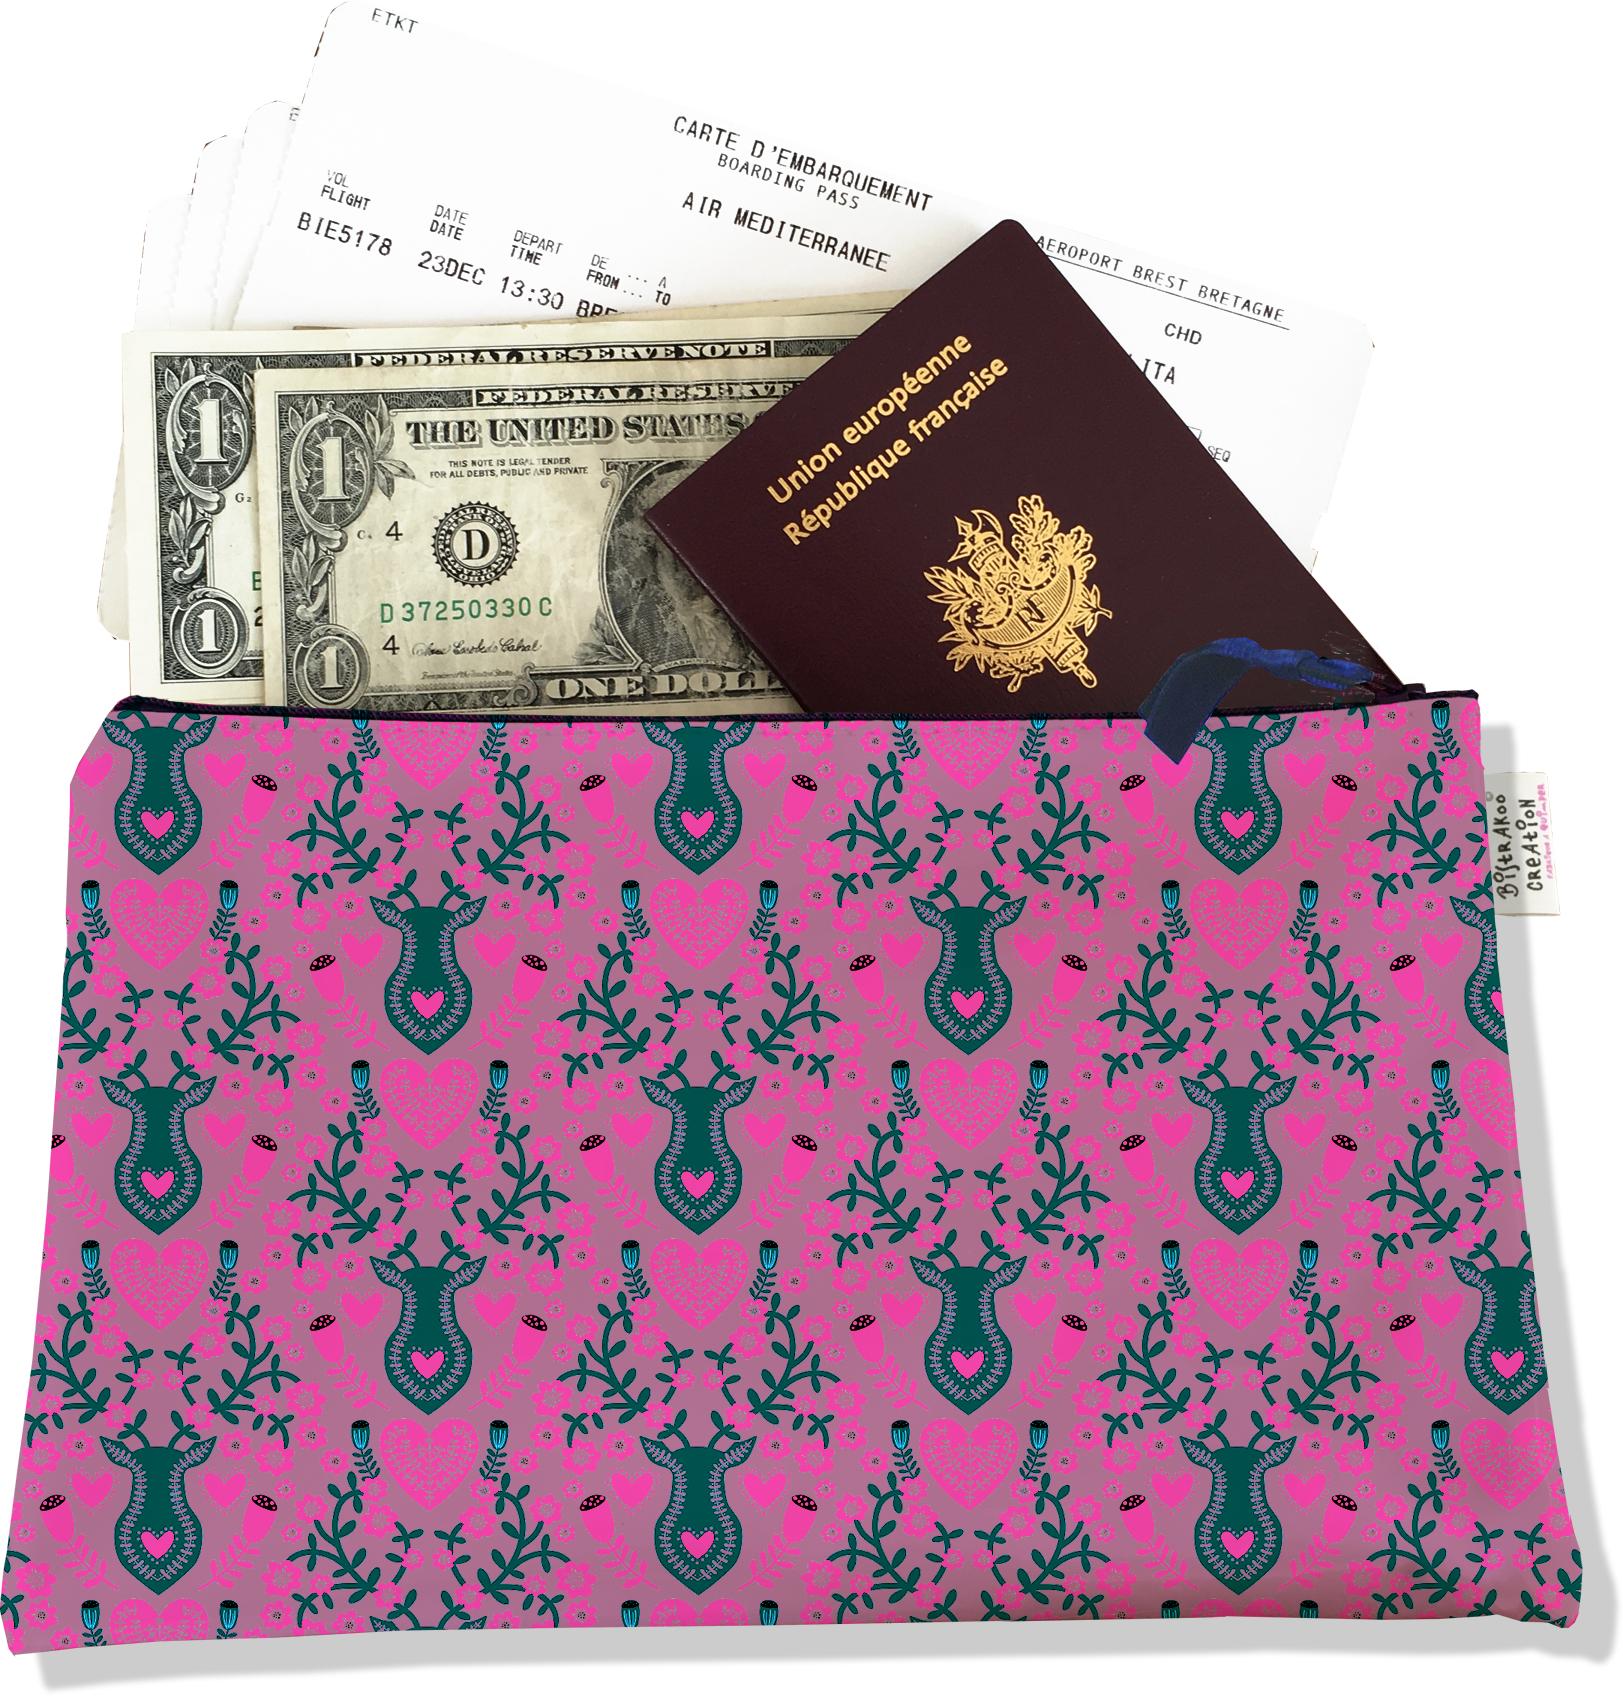 Pochette voyage, porte documents pour femme motif Scandinave rose et gris 3235-2017